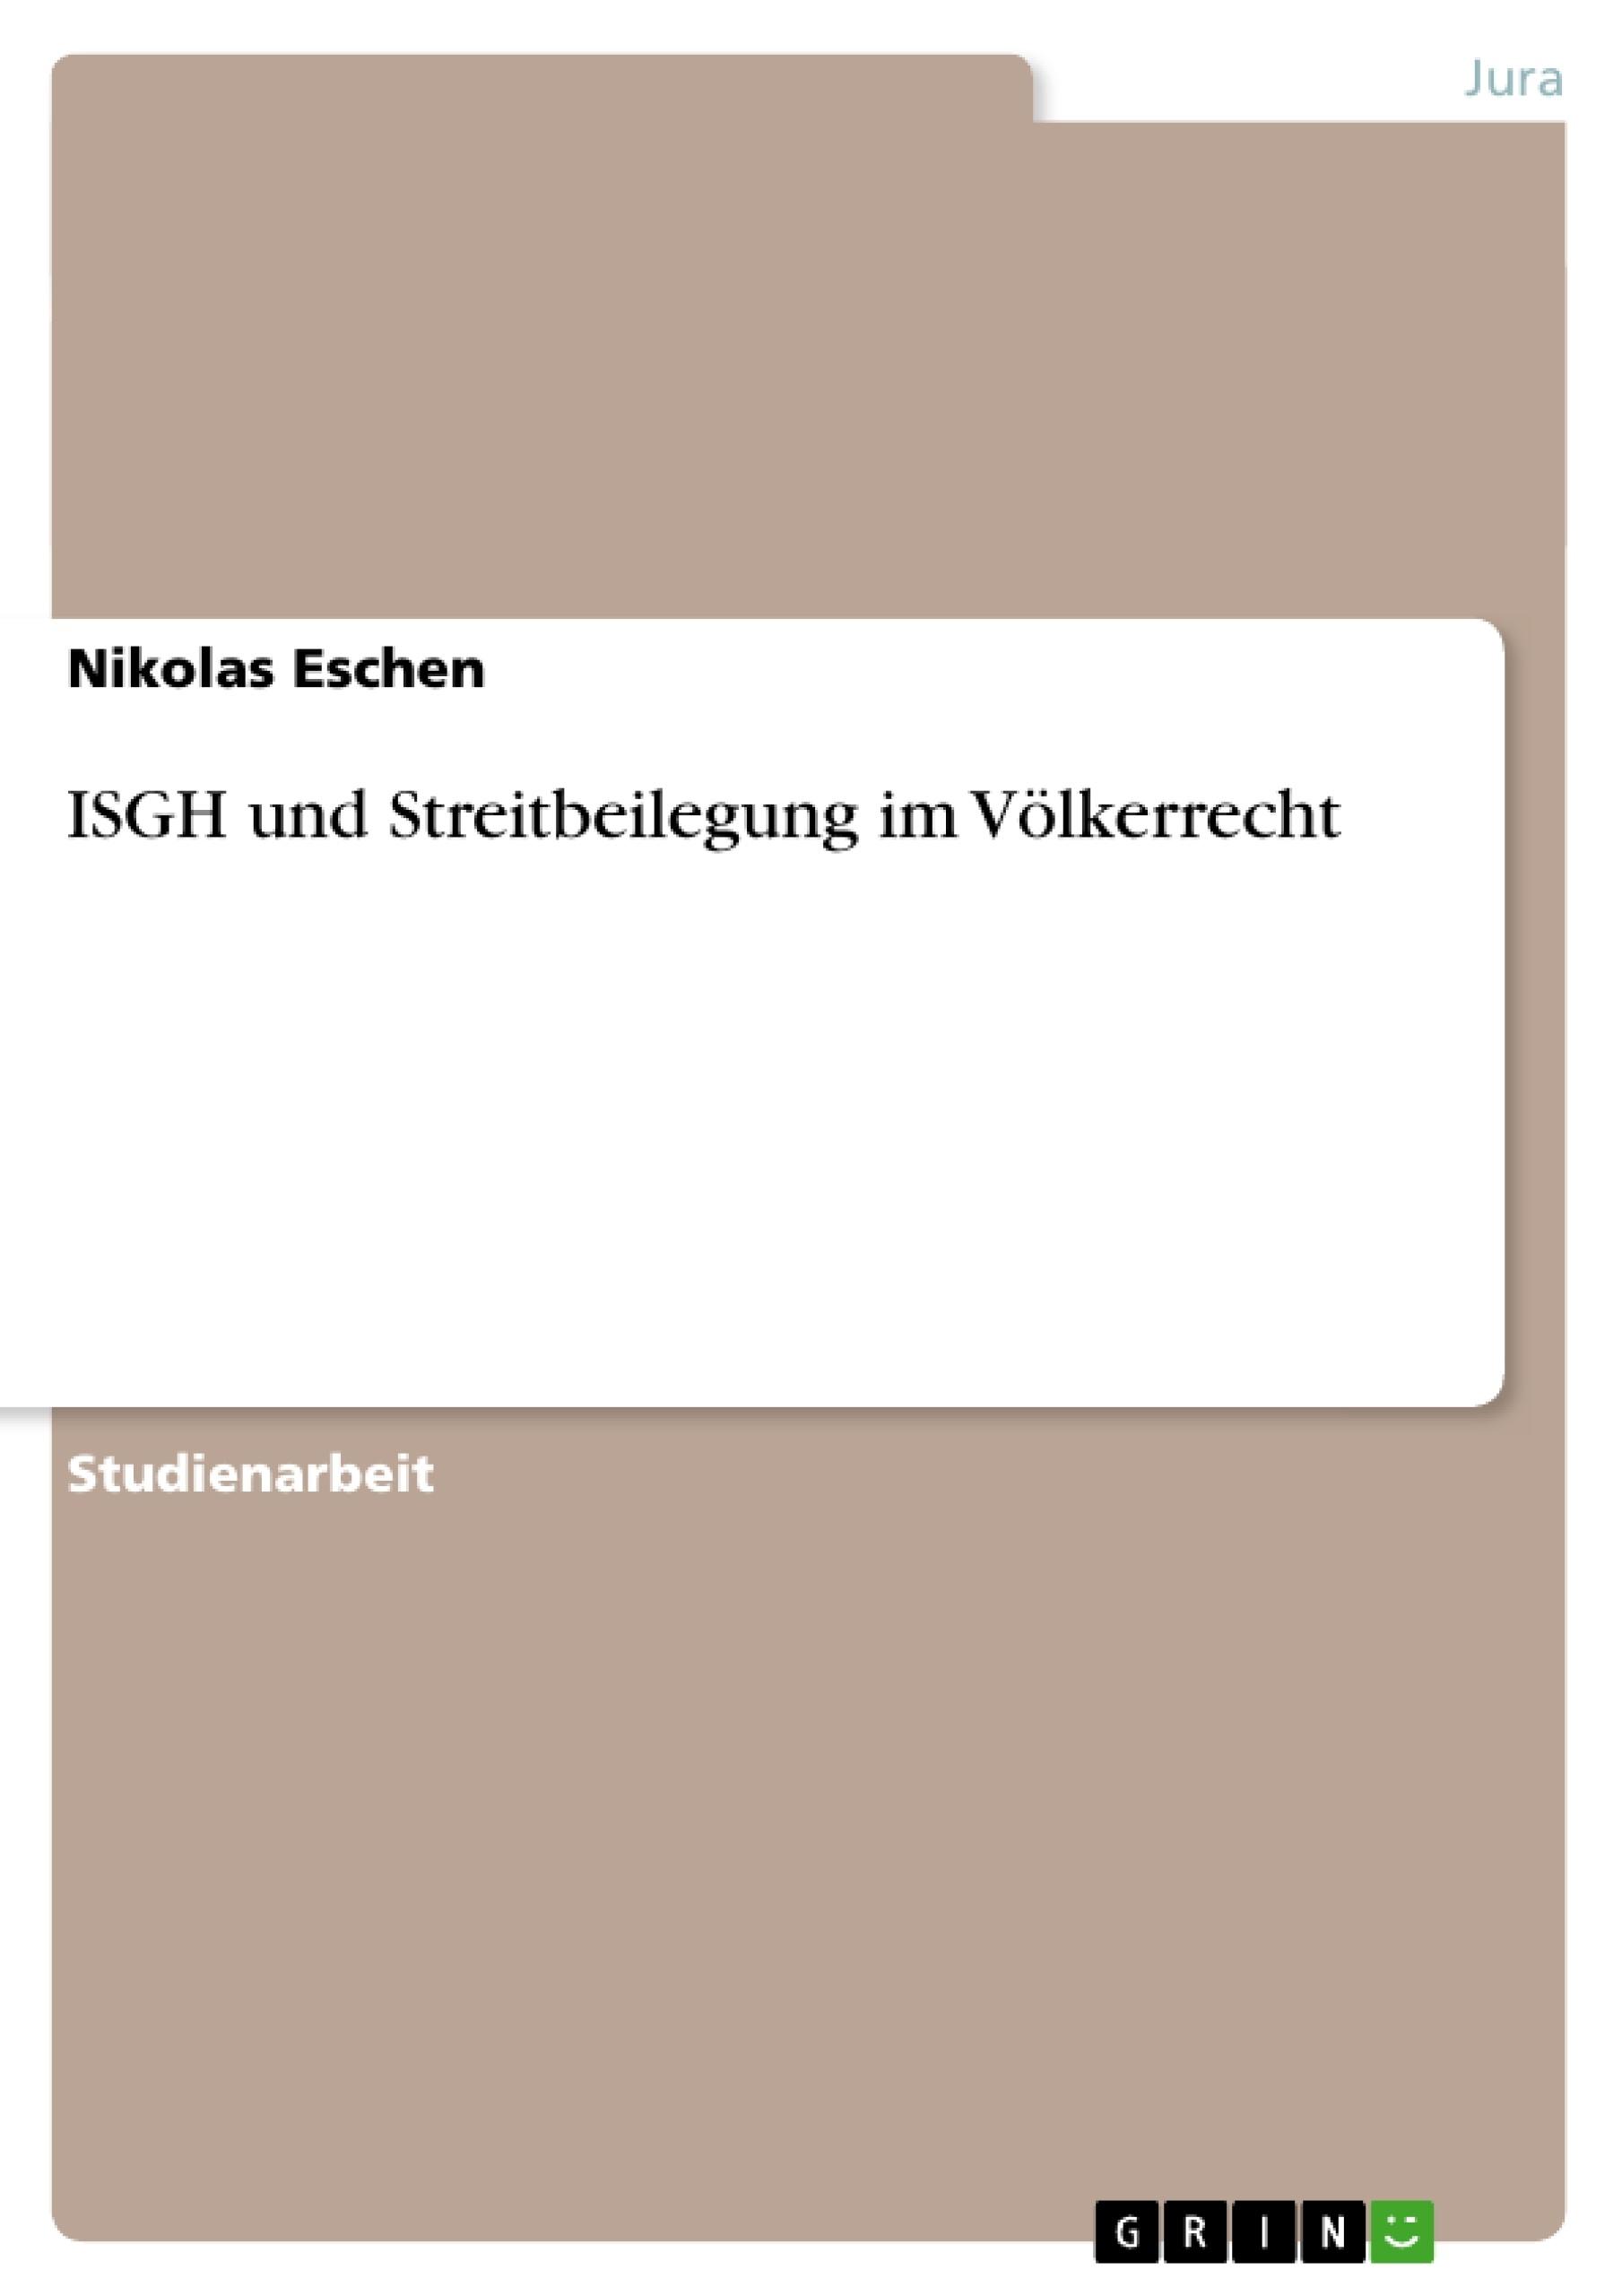 Titel: ISGH und Streitbeilegung im Völkerrecht